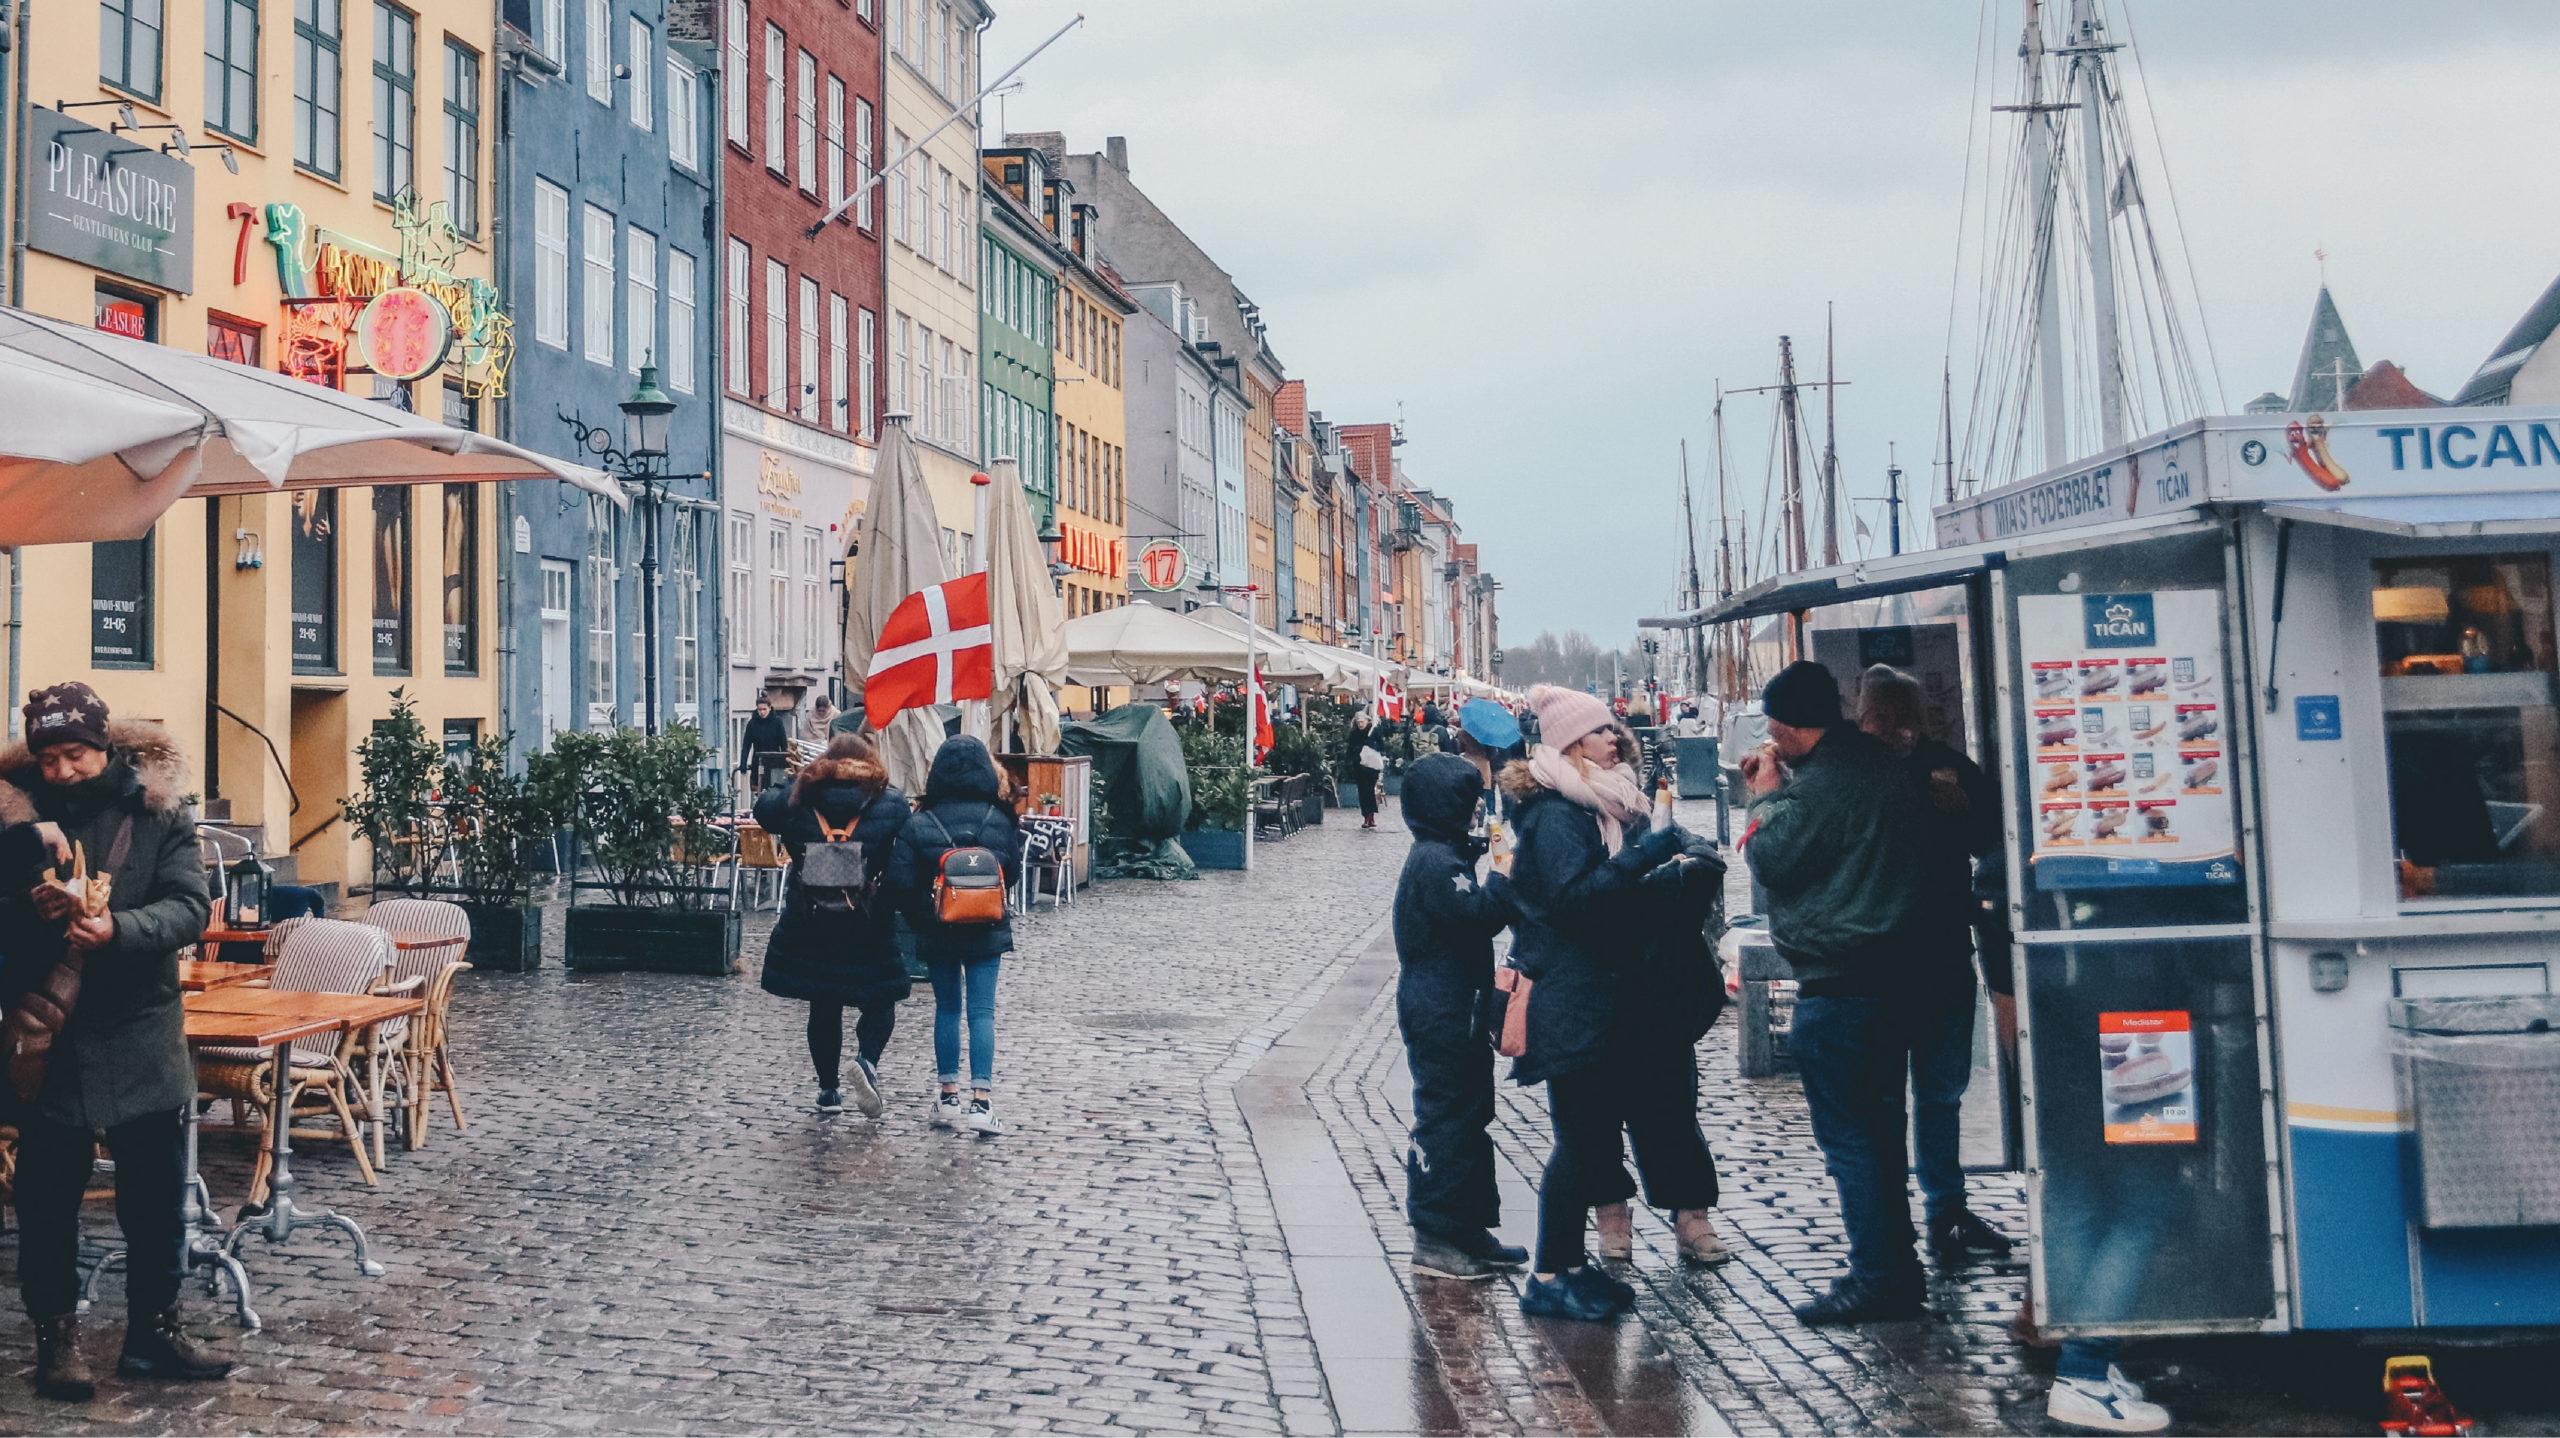 Dinamarca descarta regresar a restricciones por la pandemia